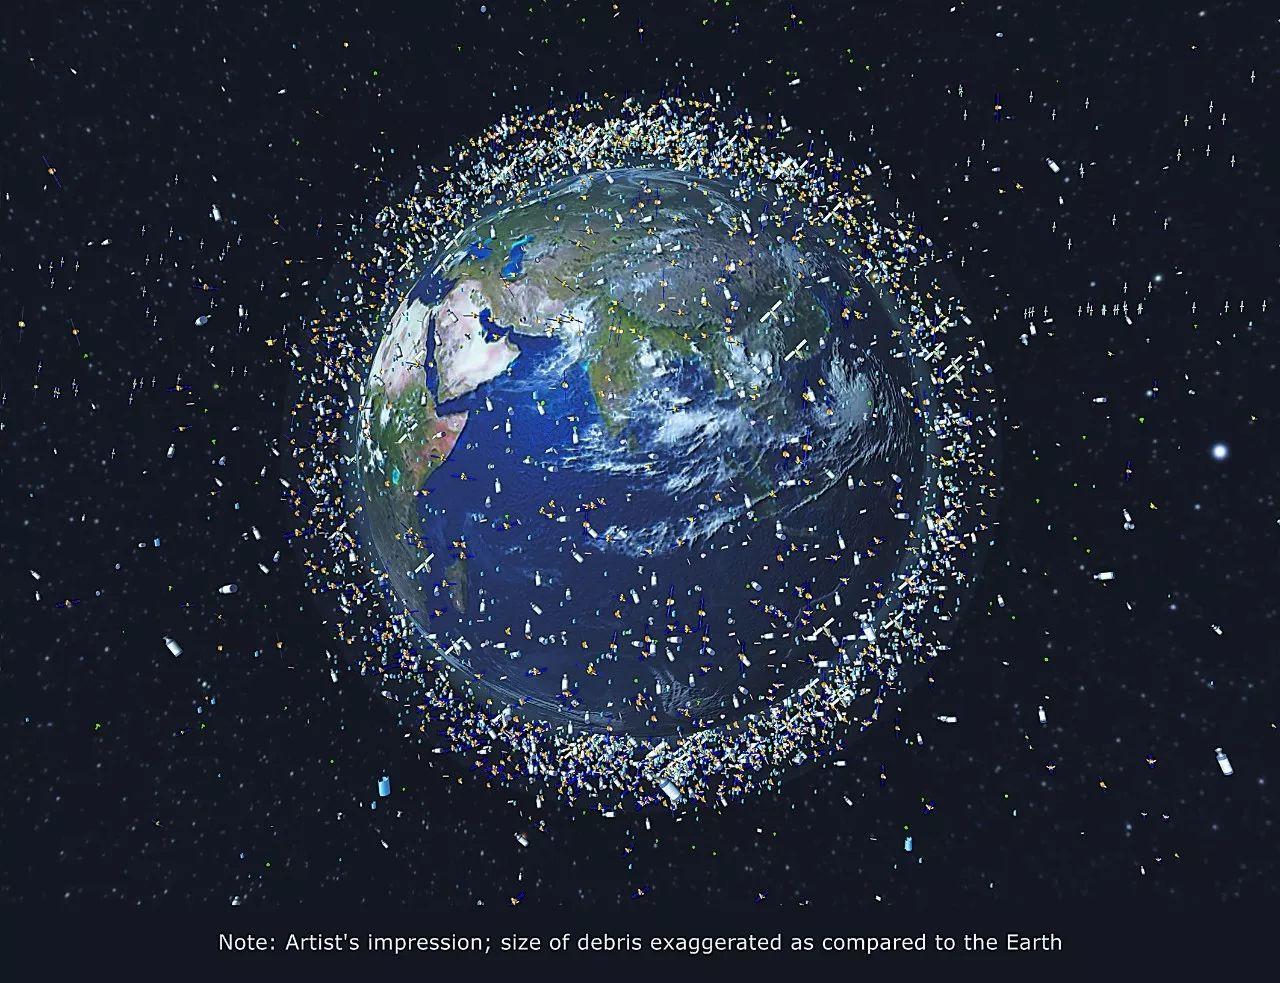 欧洲航天局发布的太空垃圾电脑合成照片